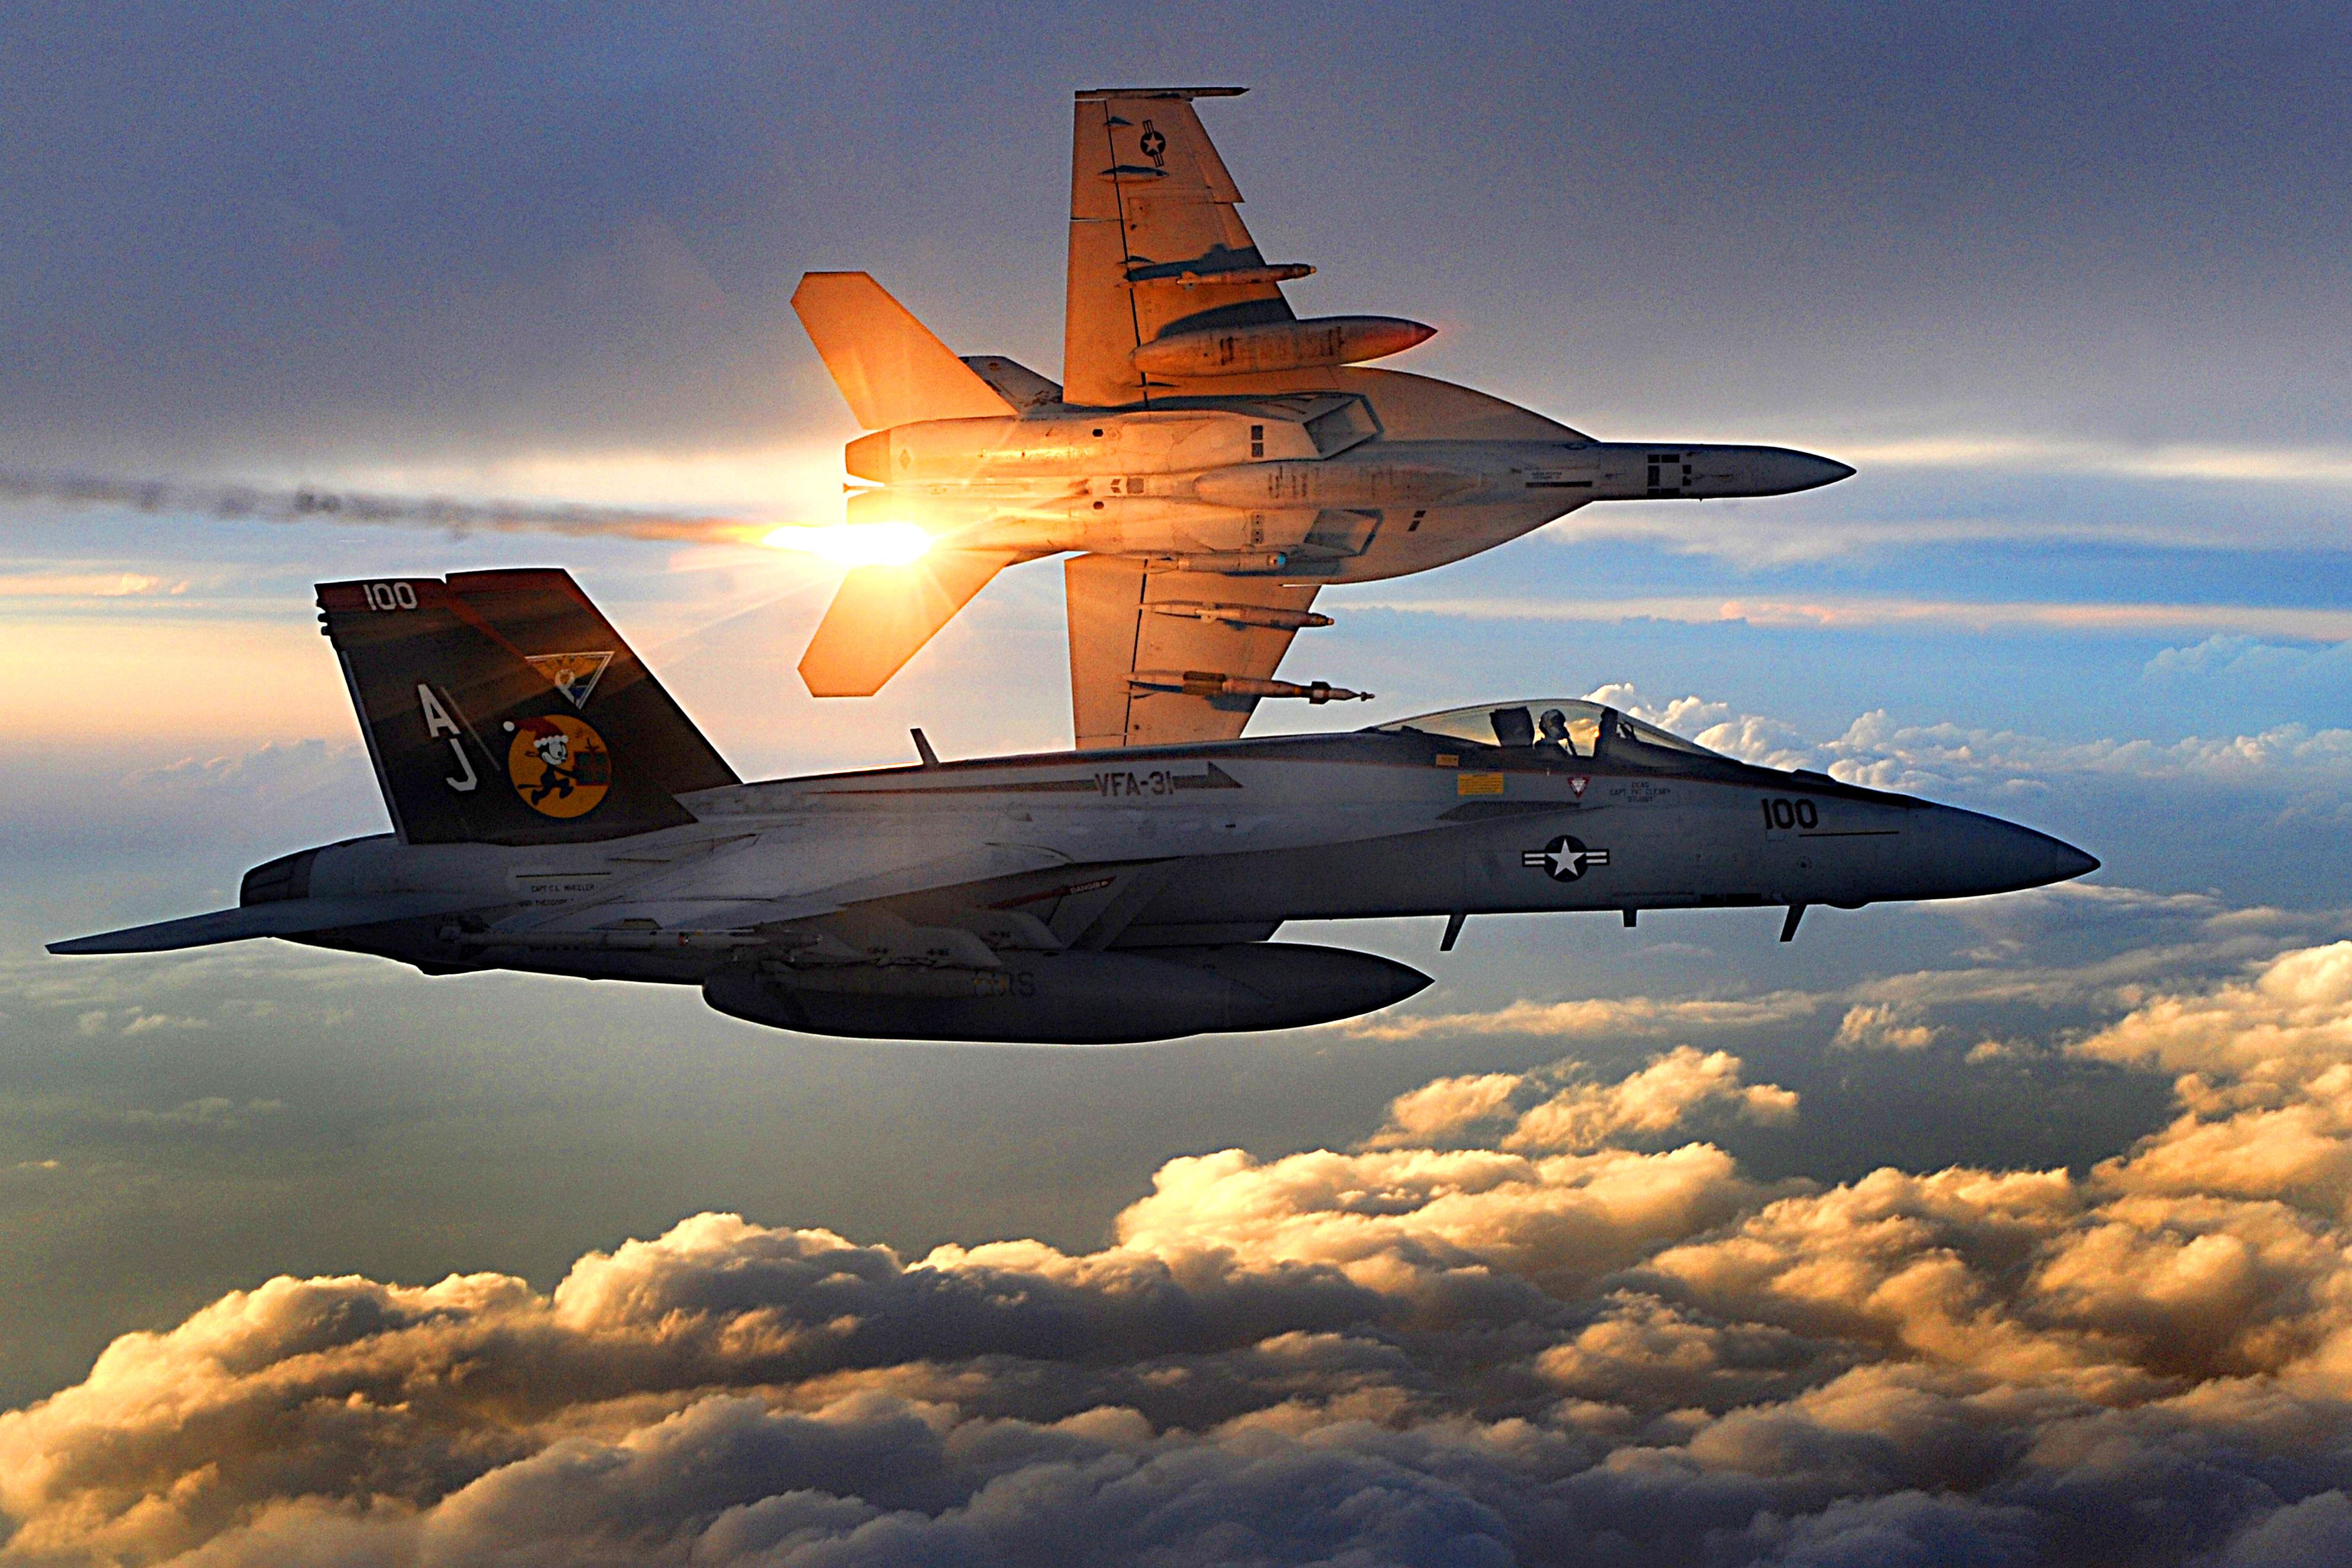 أحسن 10 طائرات بالعالم  FA-18_Super_Hornets_of_Strike_Fighter_Squadron_31_fly_patrol,_Afghanistan,_December_15,_2008